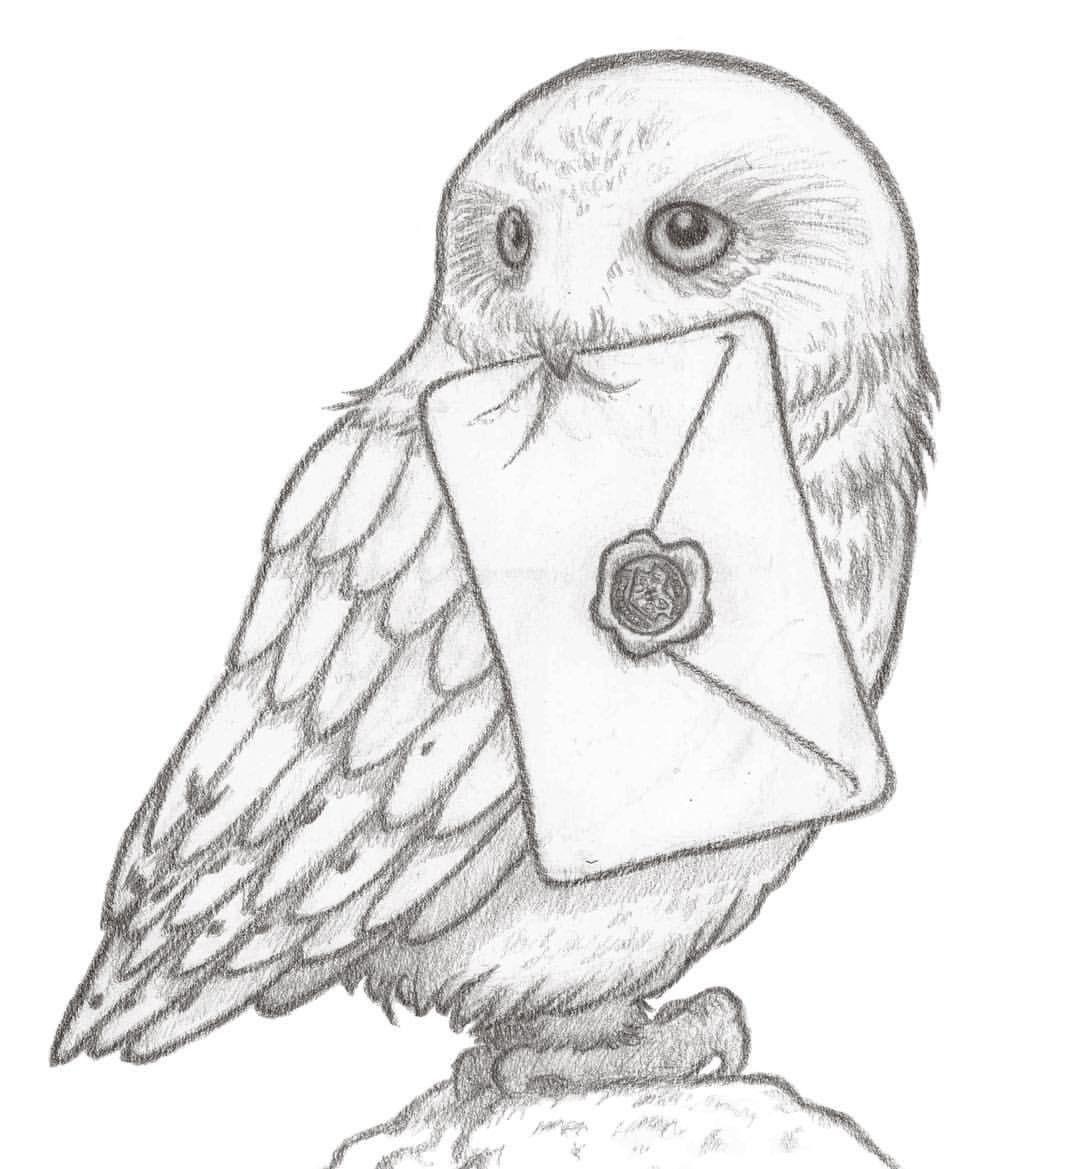 pin von theresa riess auf harry potter | zeichnungen, harry-potter